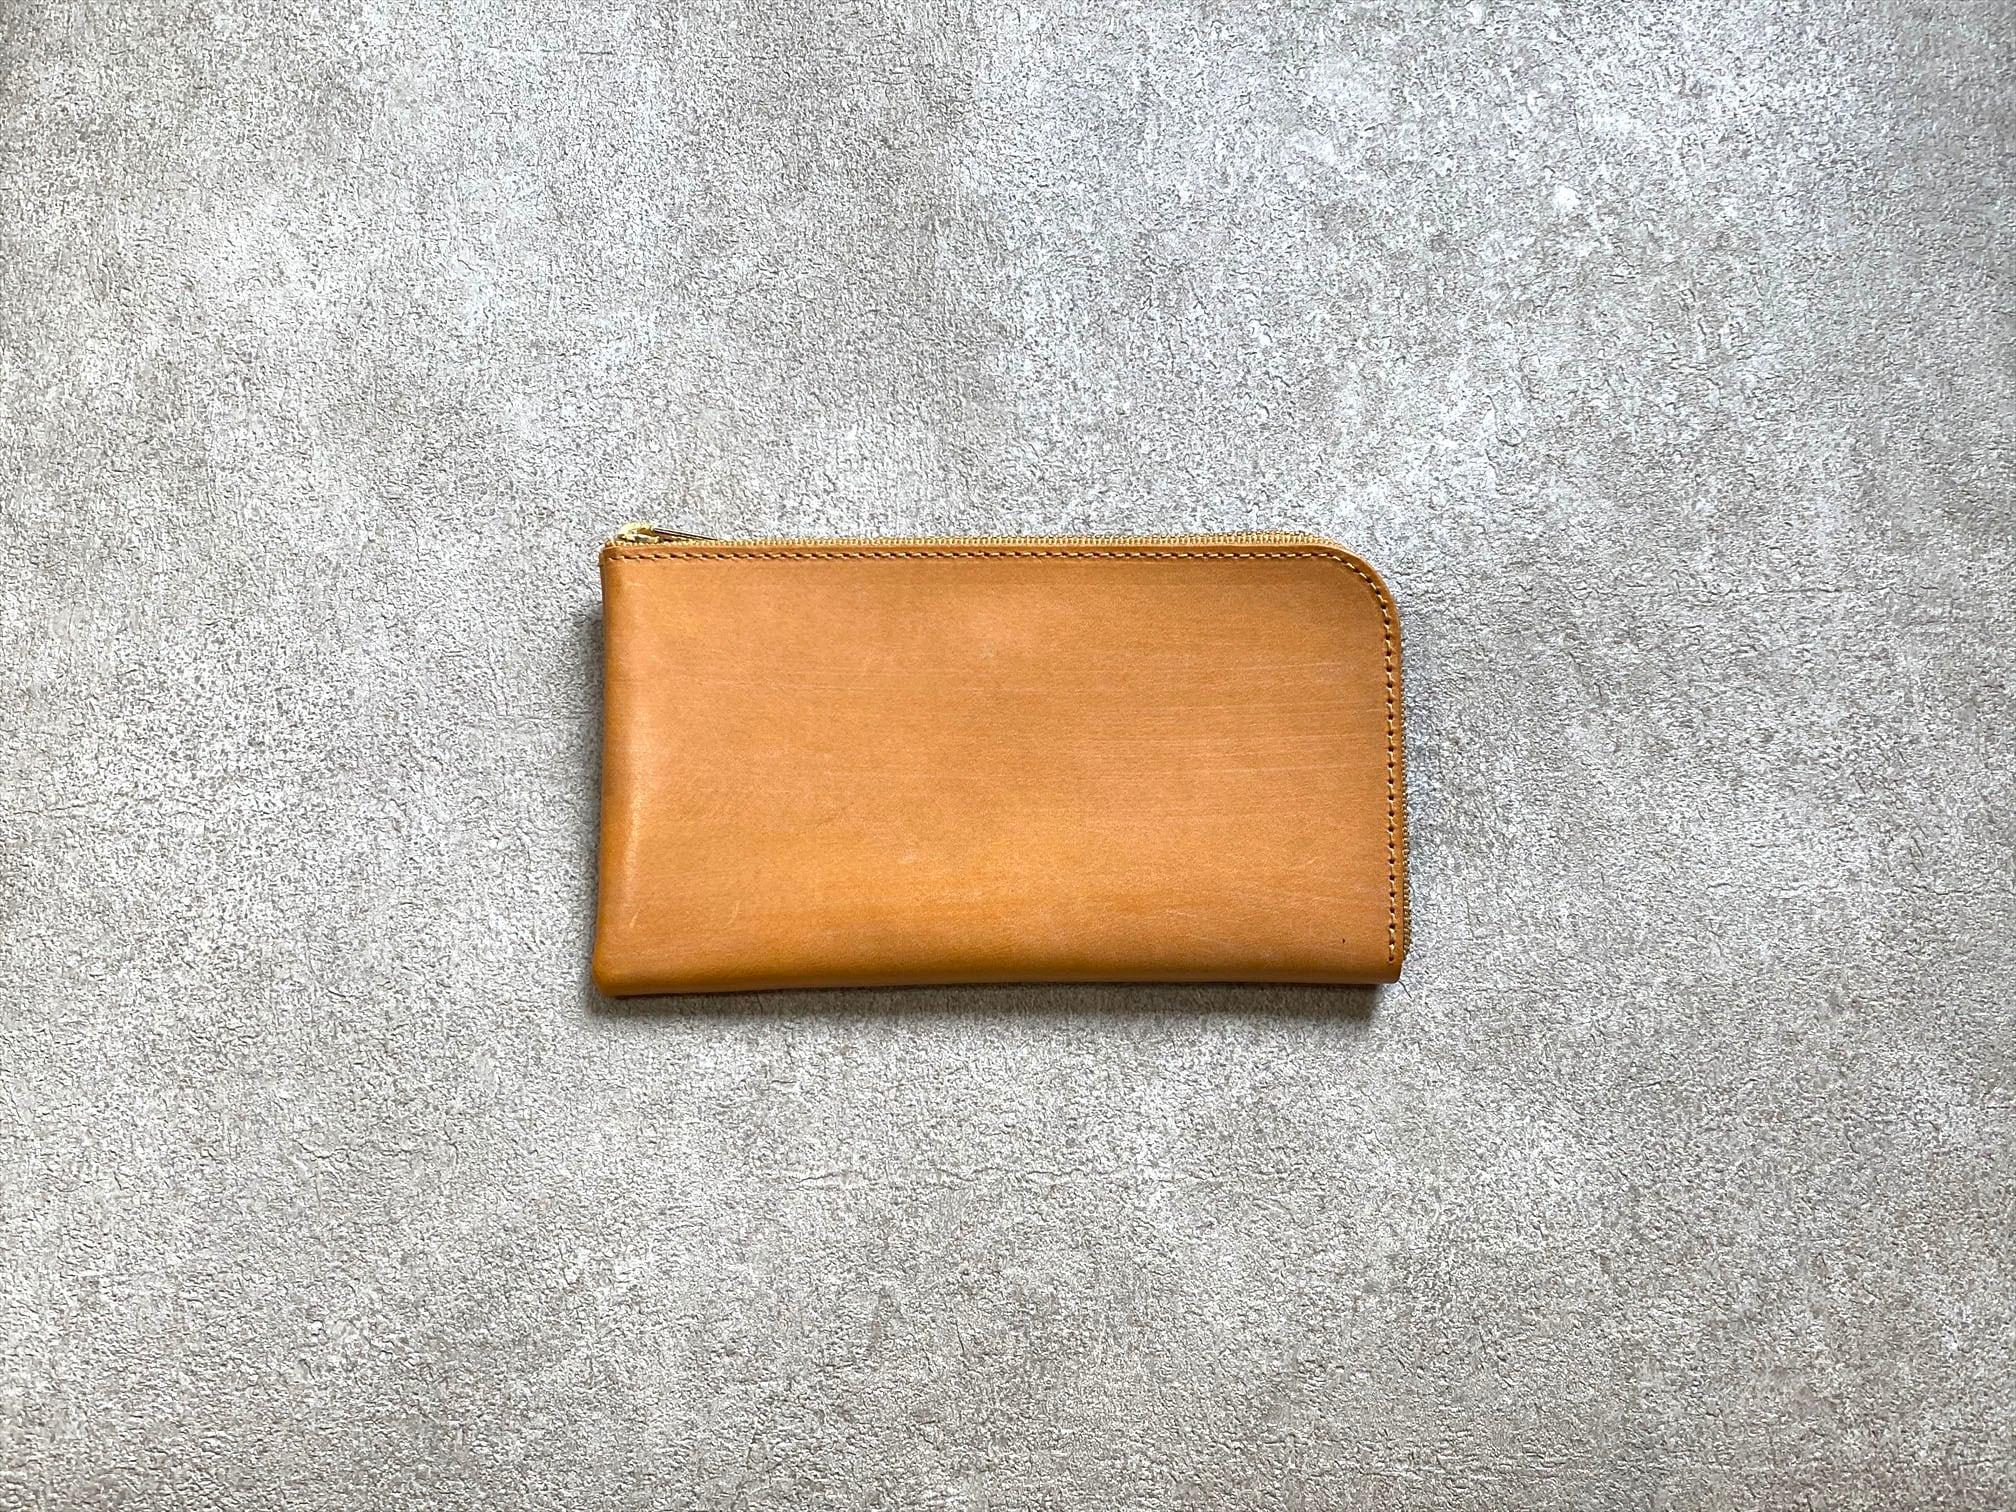 SHOZOウォレット(ヌメ革ロウ引き):キャメル ※「アジア・パシフィック・レザー・フェア2019」革小物部門グランプリ受賞商品